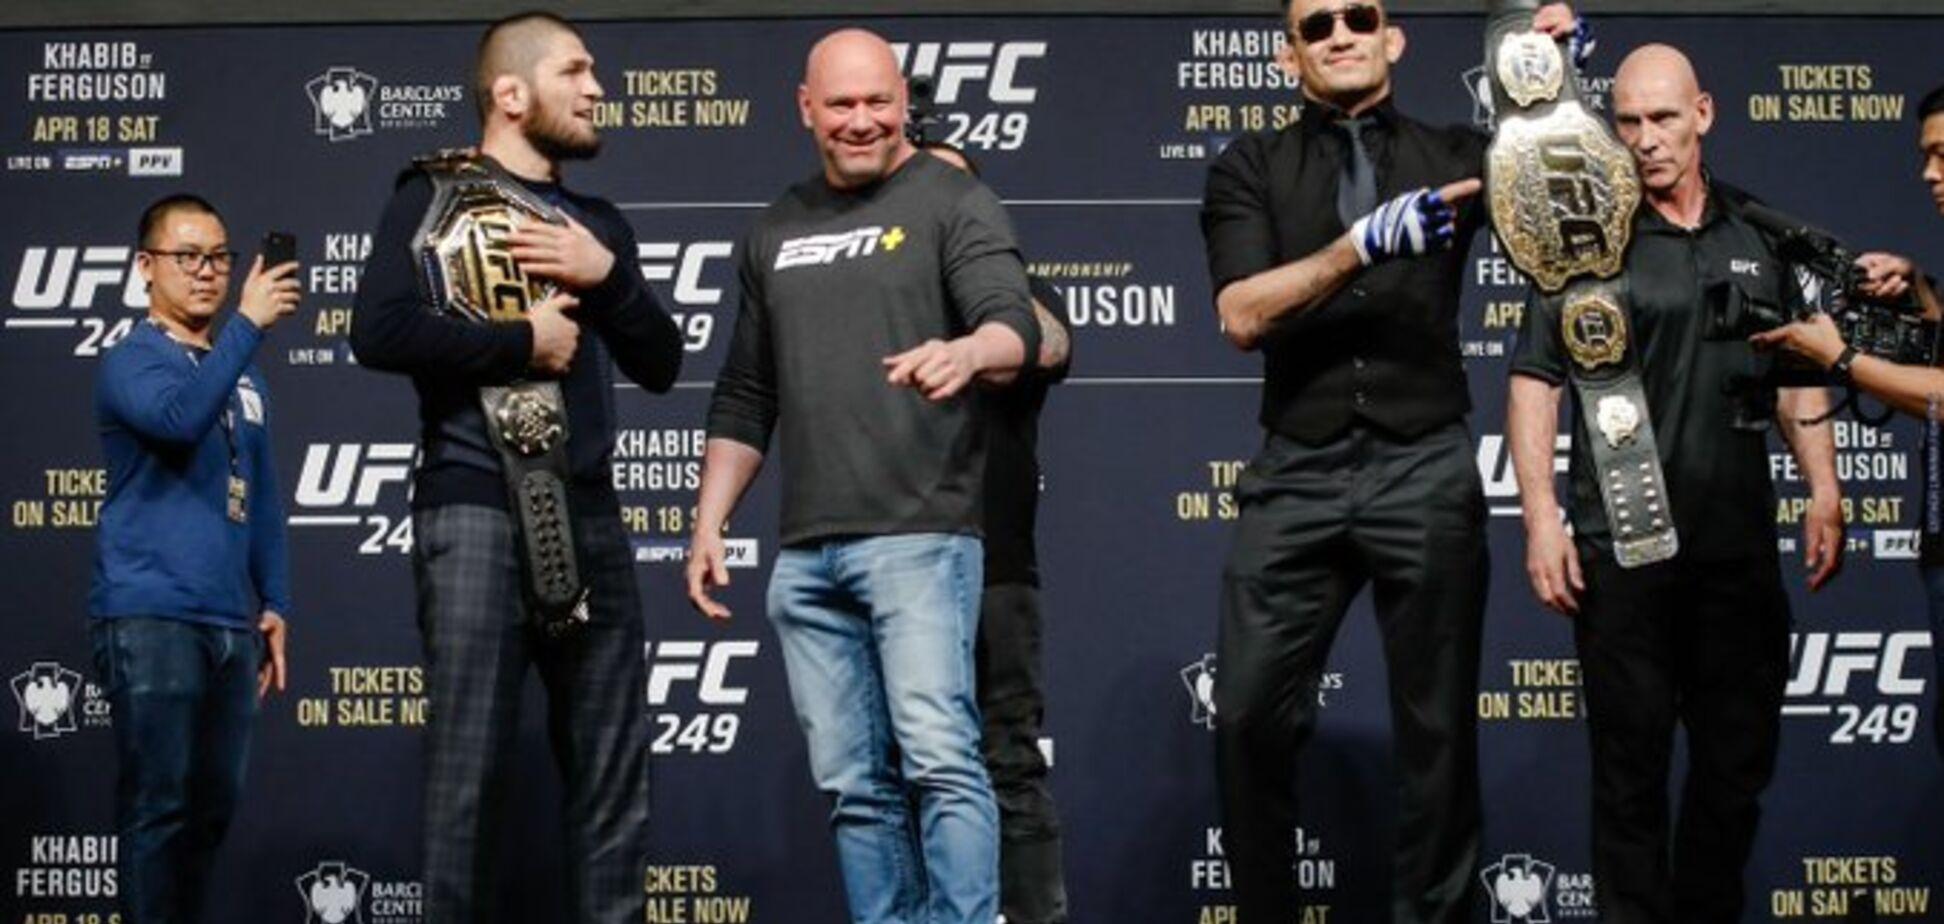 Коронавирус: UFC официально отменил бой Хабиб - Фергюсон